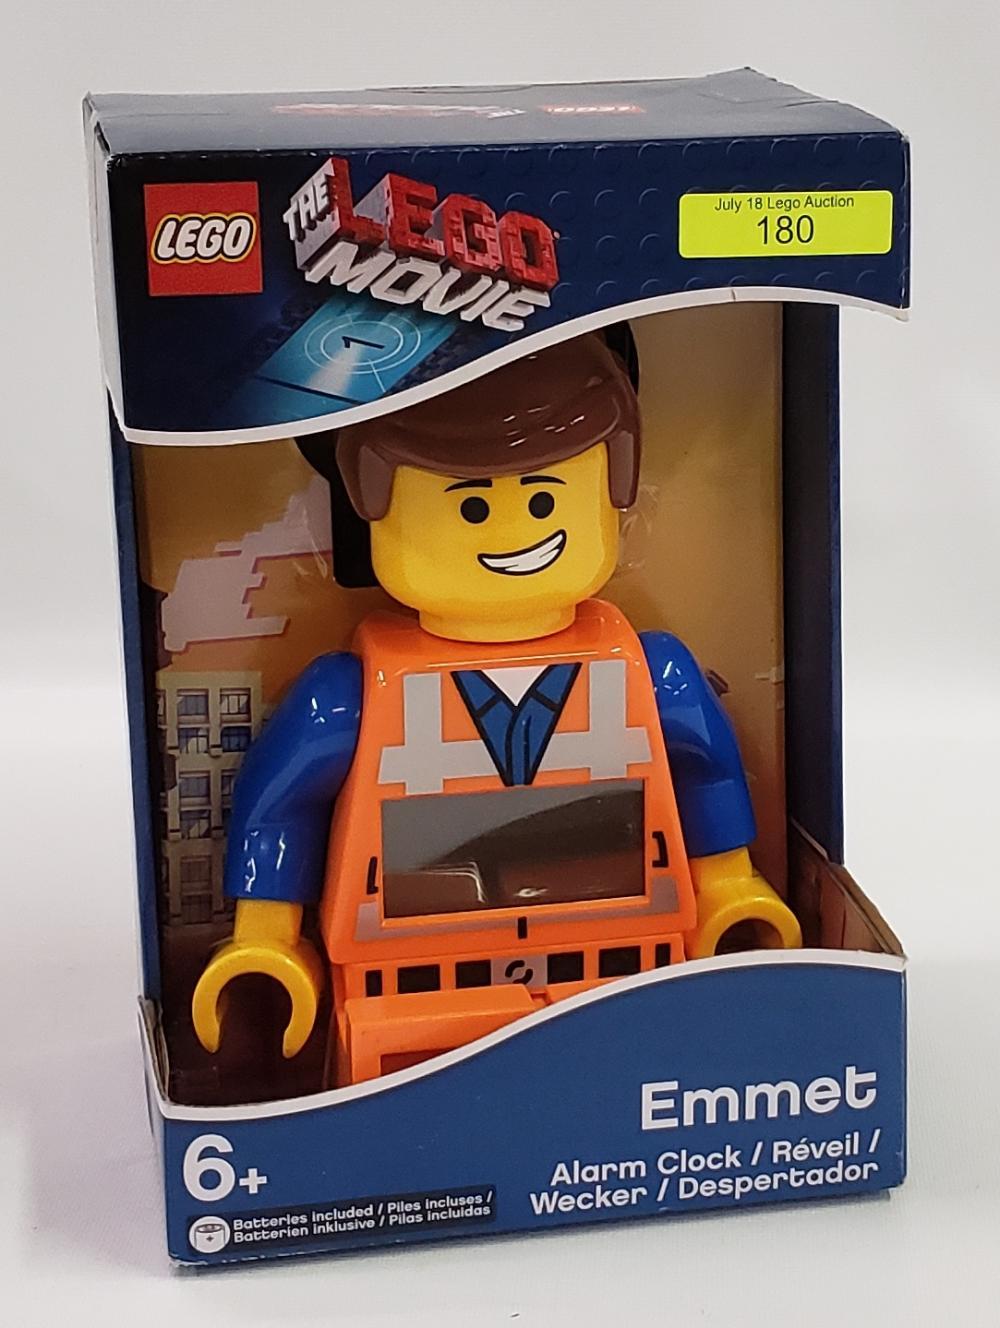 The Lego Movie Emmet Alarm Clock